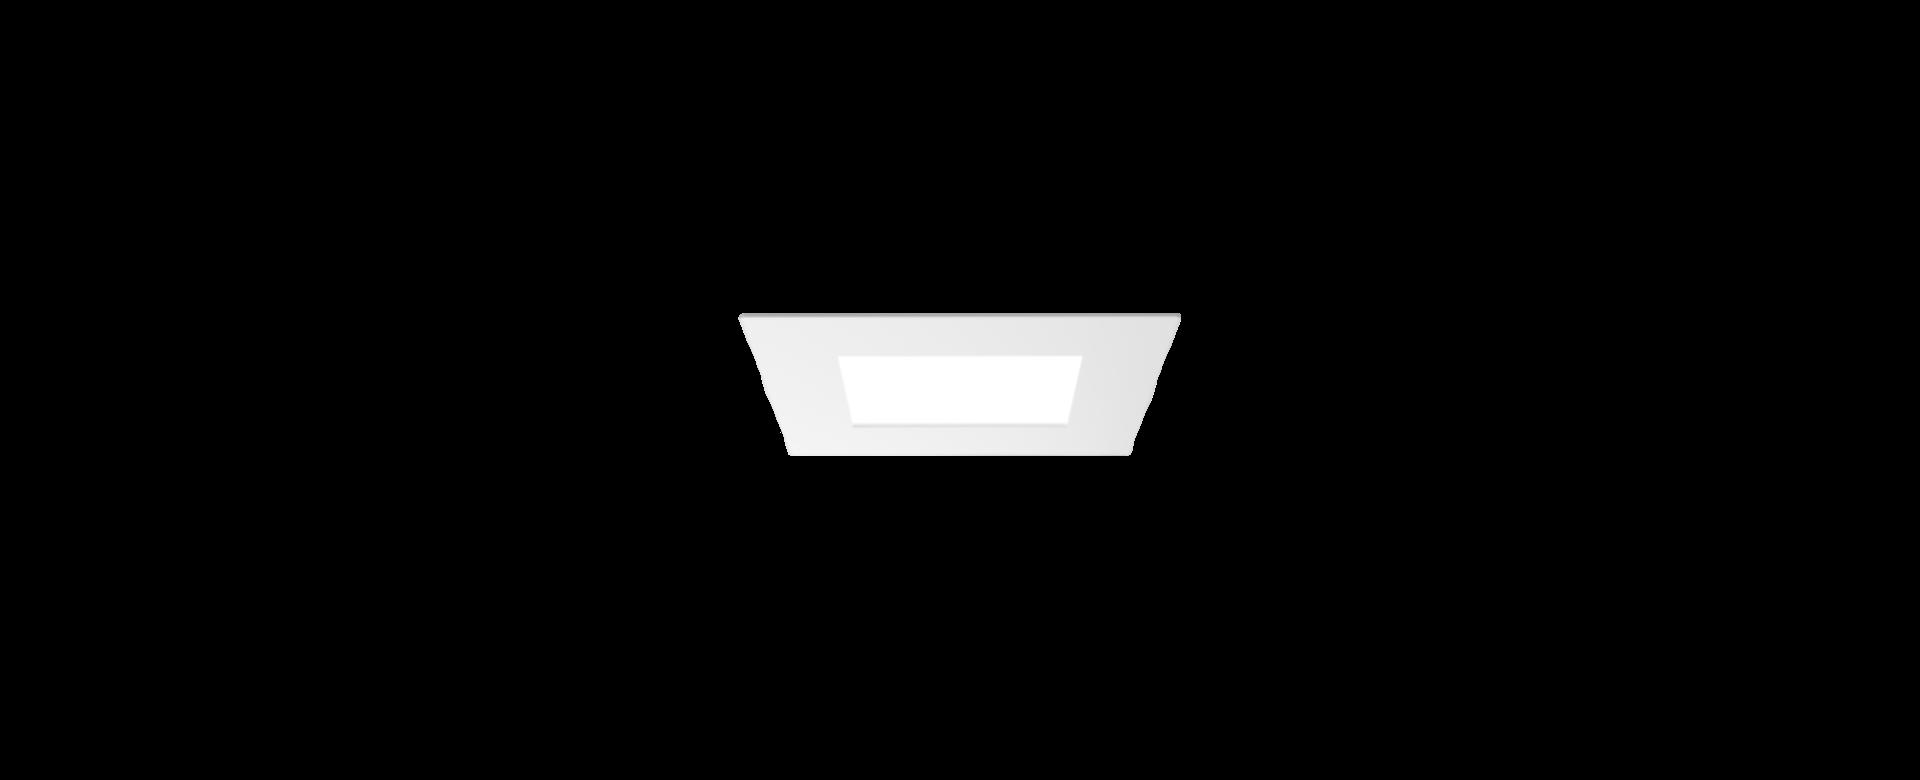 MODUX PS2 empotrado con borde cierre difusor blanco 1920x780px